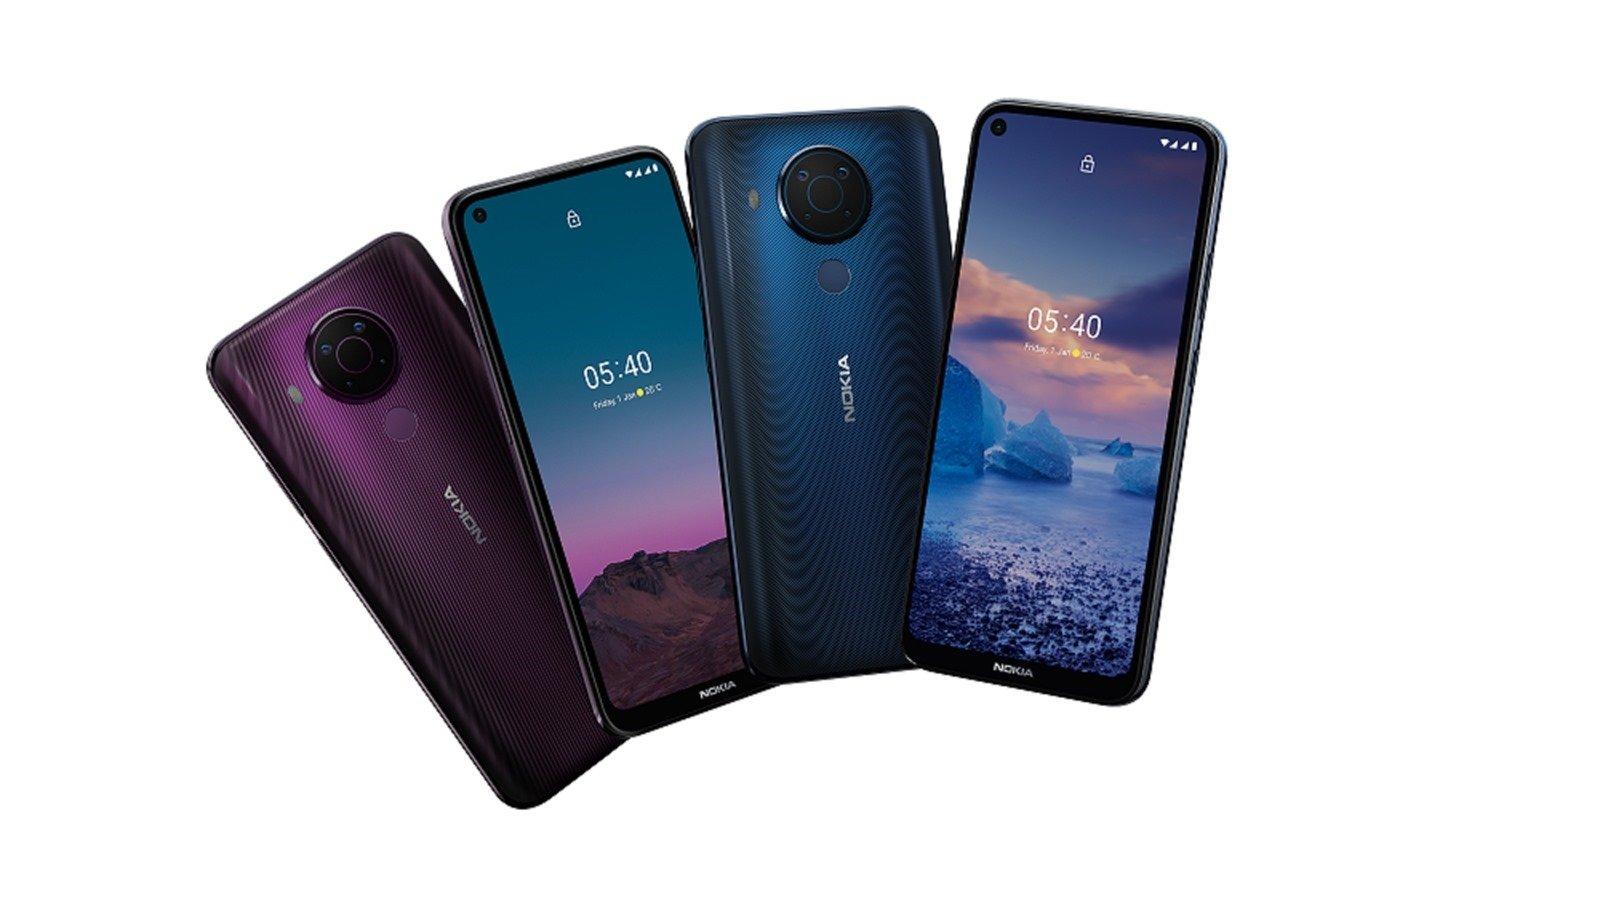 全新 Nokia 5.4 矚目登場 精彩斜槓人生一手掌握 4800 萬畫素主鏡頭 x 專業錄影模式隨手拍 x 兩天長待機不斷電 @3C 達人廖阿輝